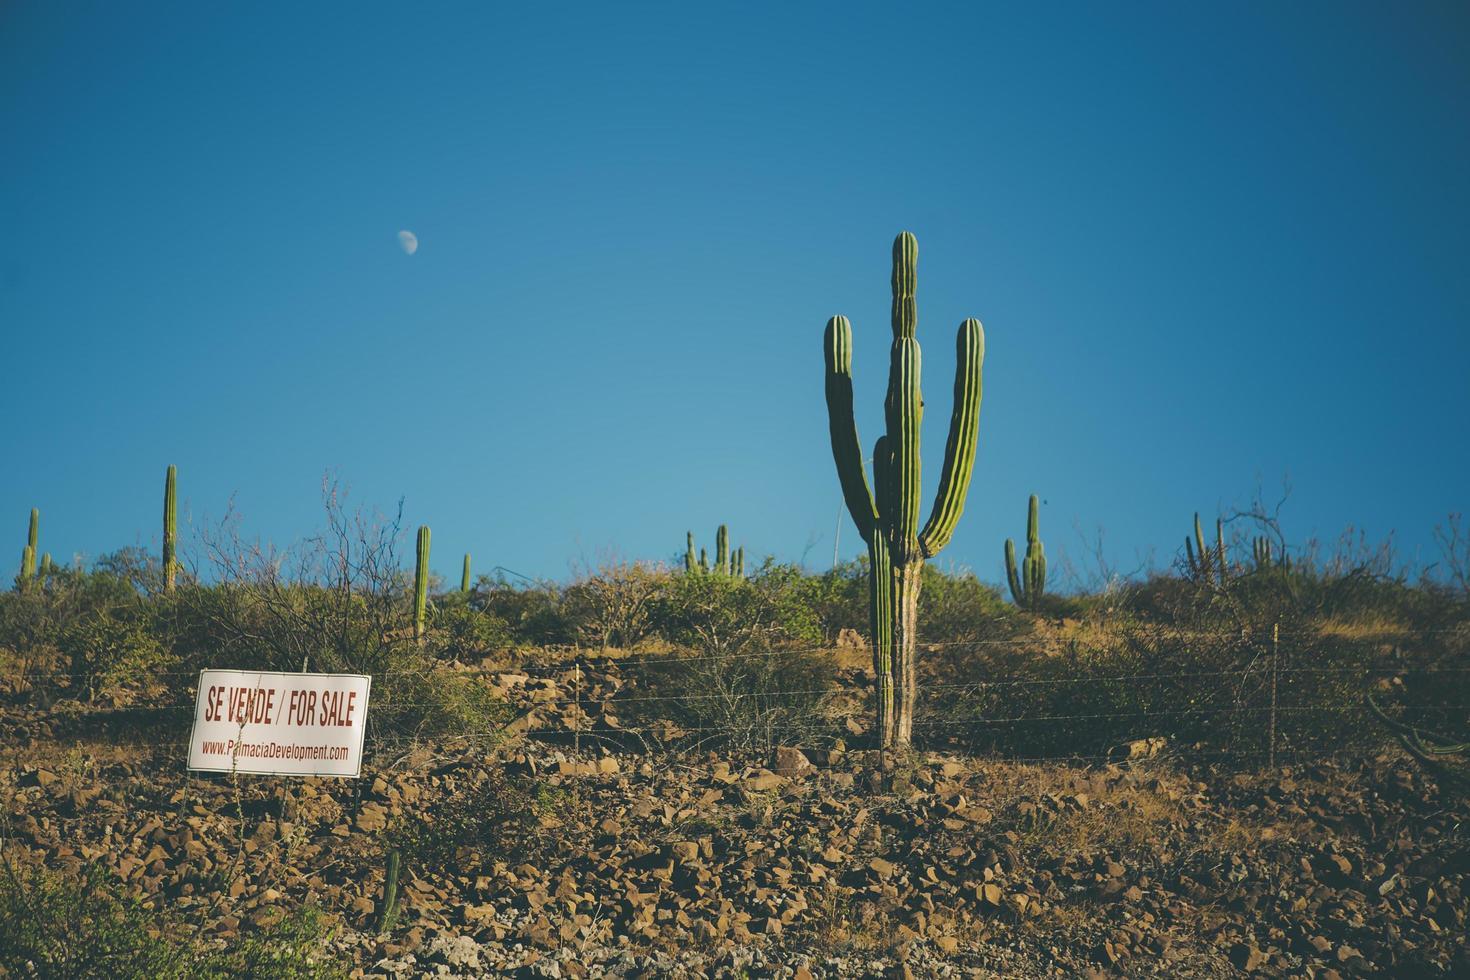 cactus en te koop bord in de woestijn foto